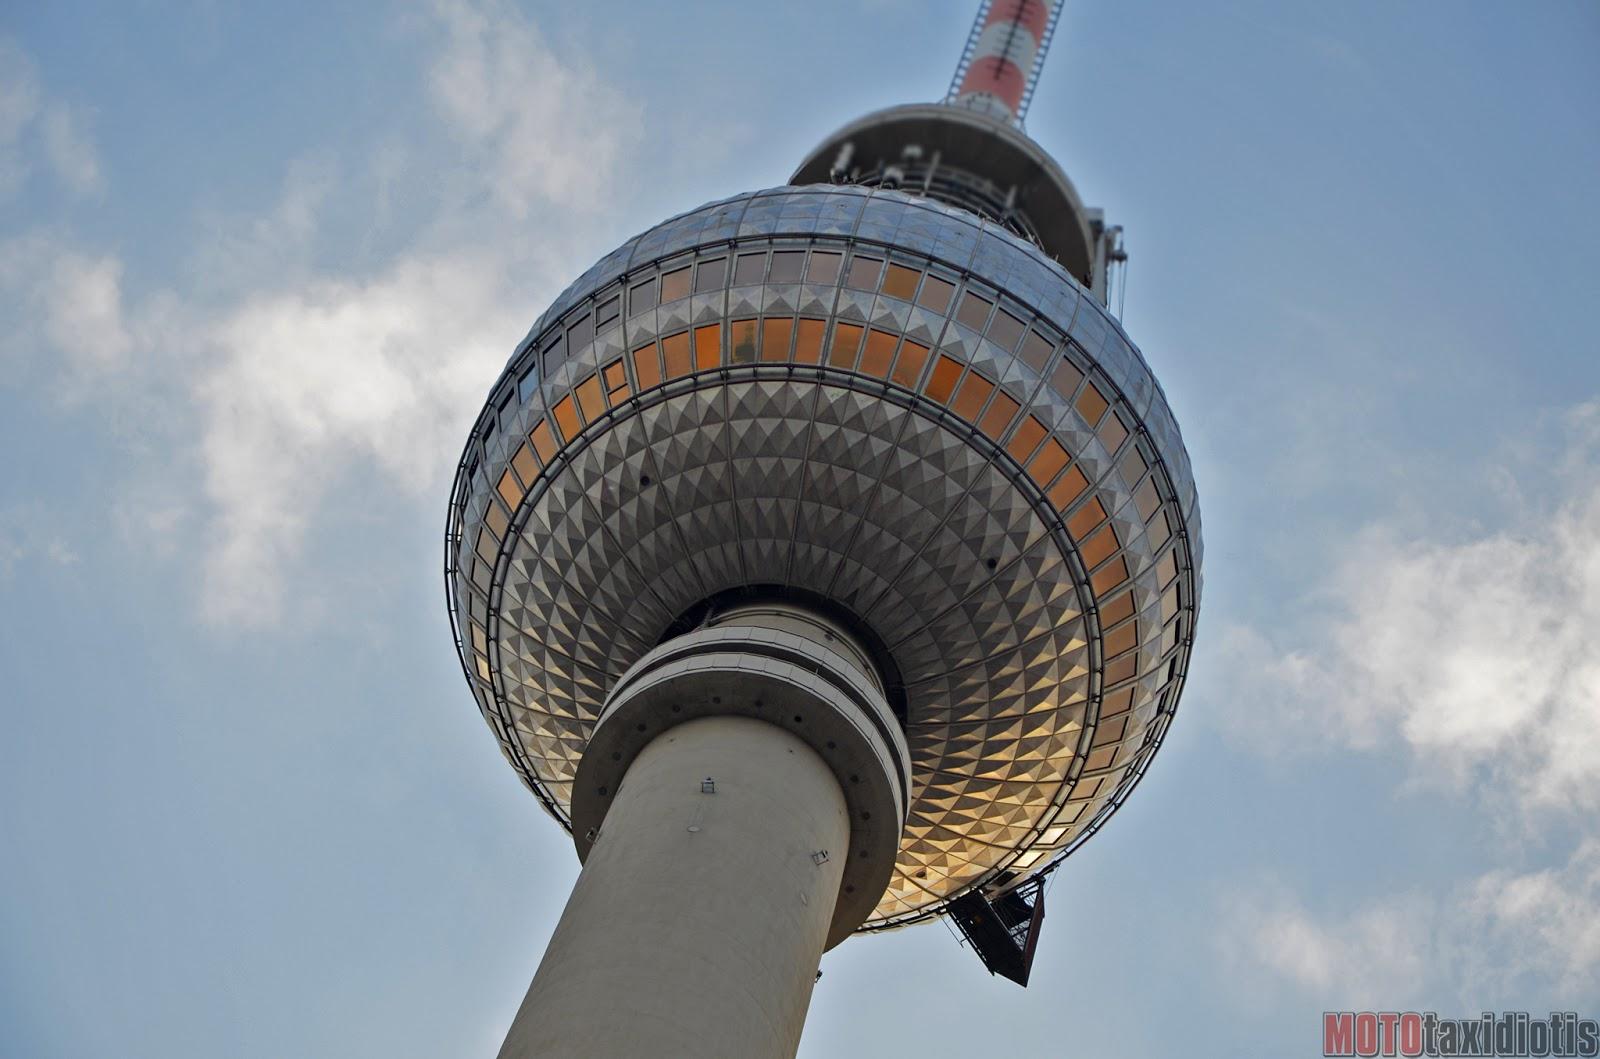 Ο Πύργος Τηλεόρασης του Βερολίνου